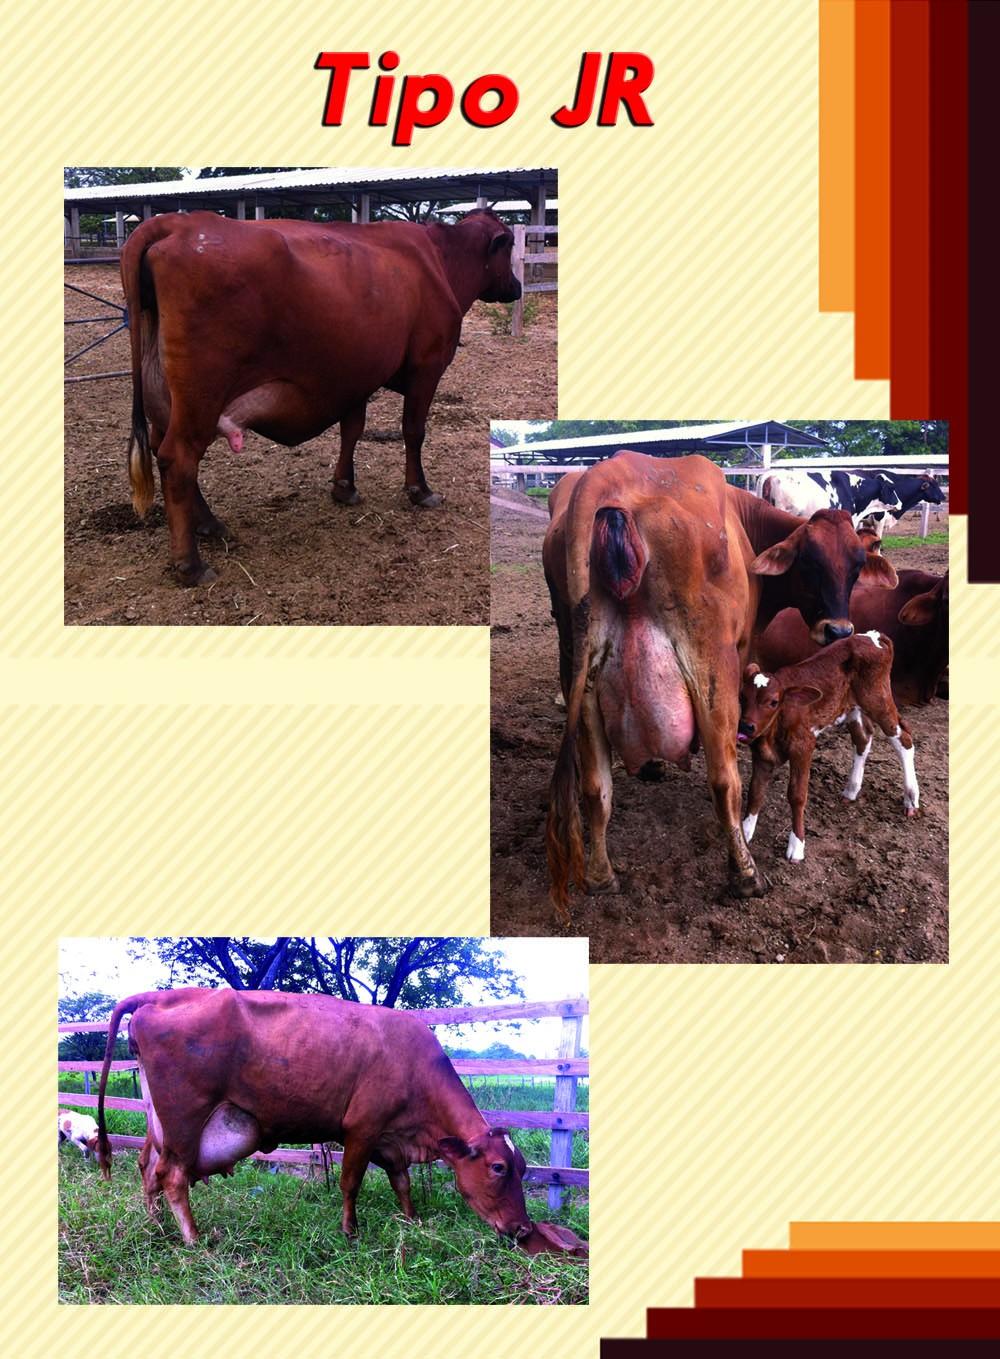 Vacas Tipo JR.jpg